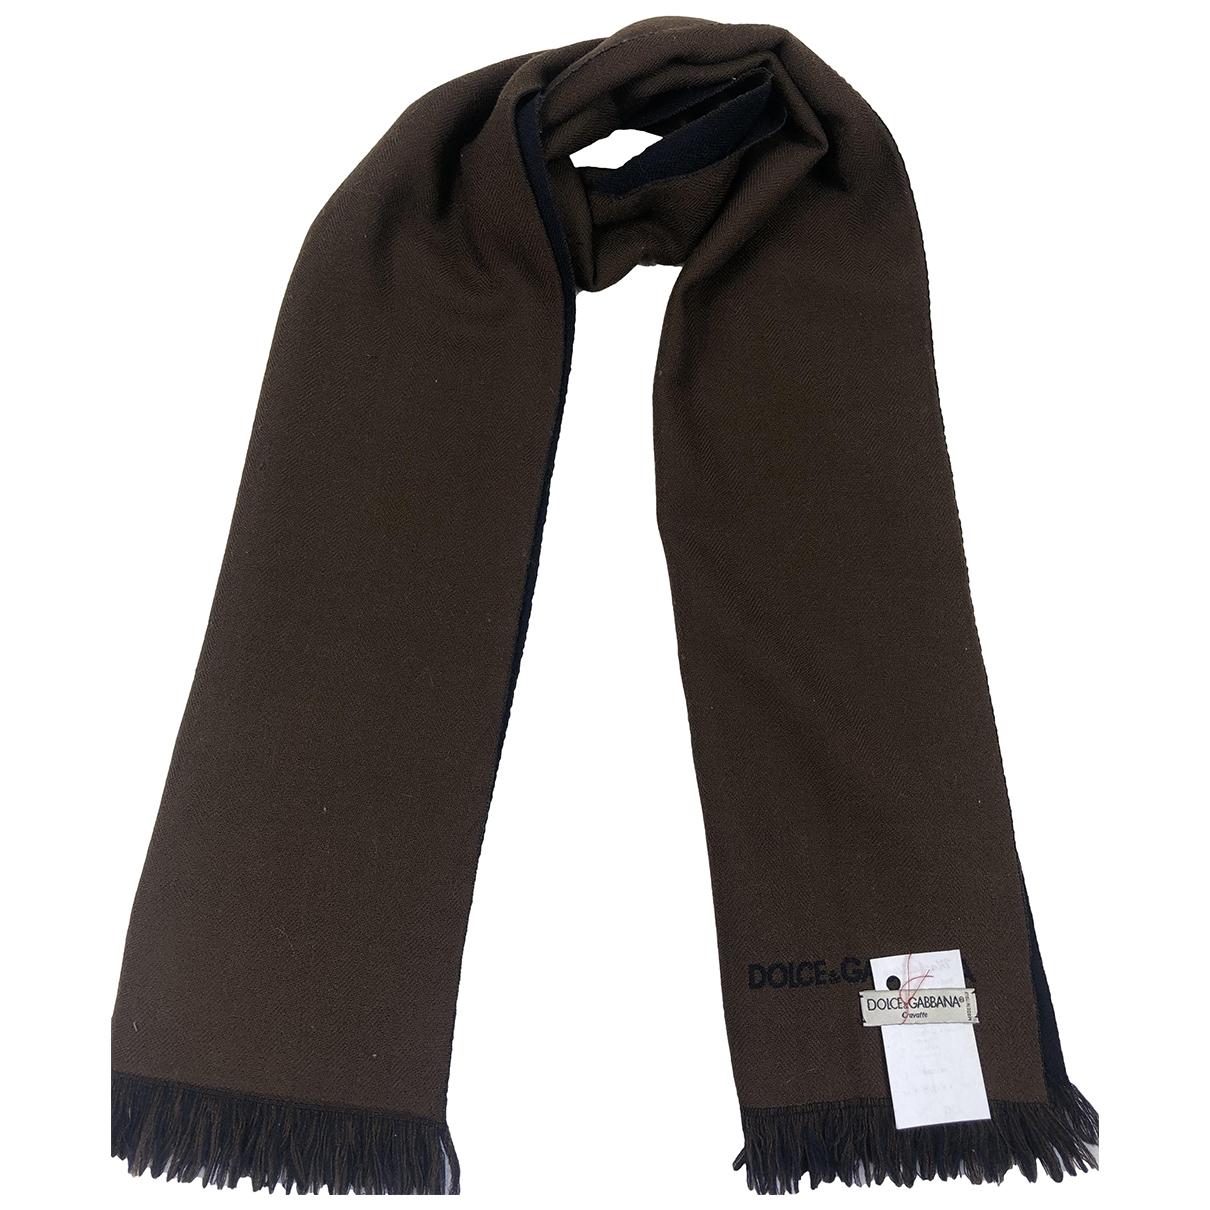 Dolce & Gabbana \N Schal in  Braun Wolle